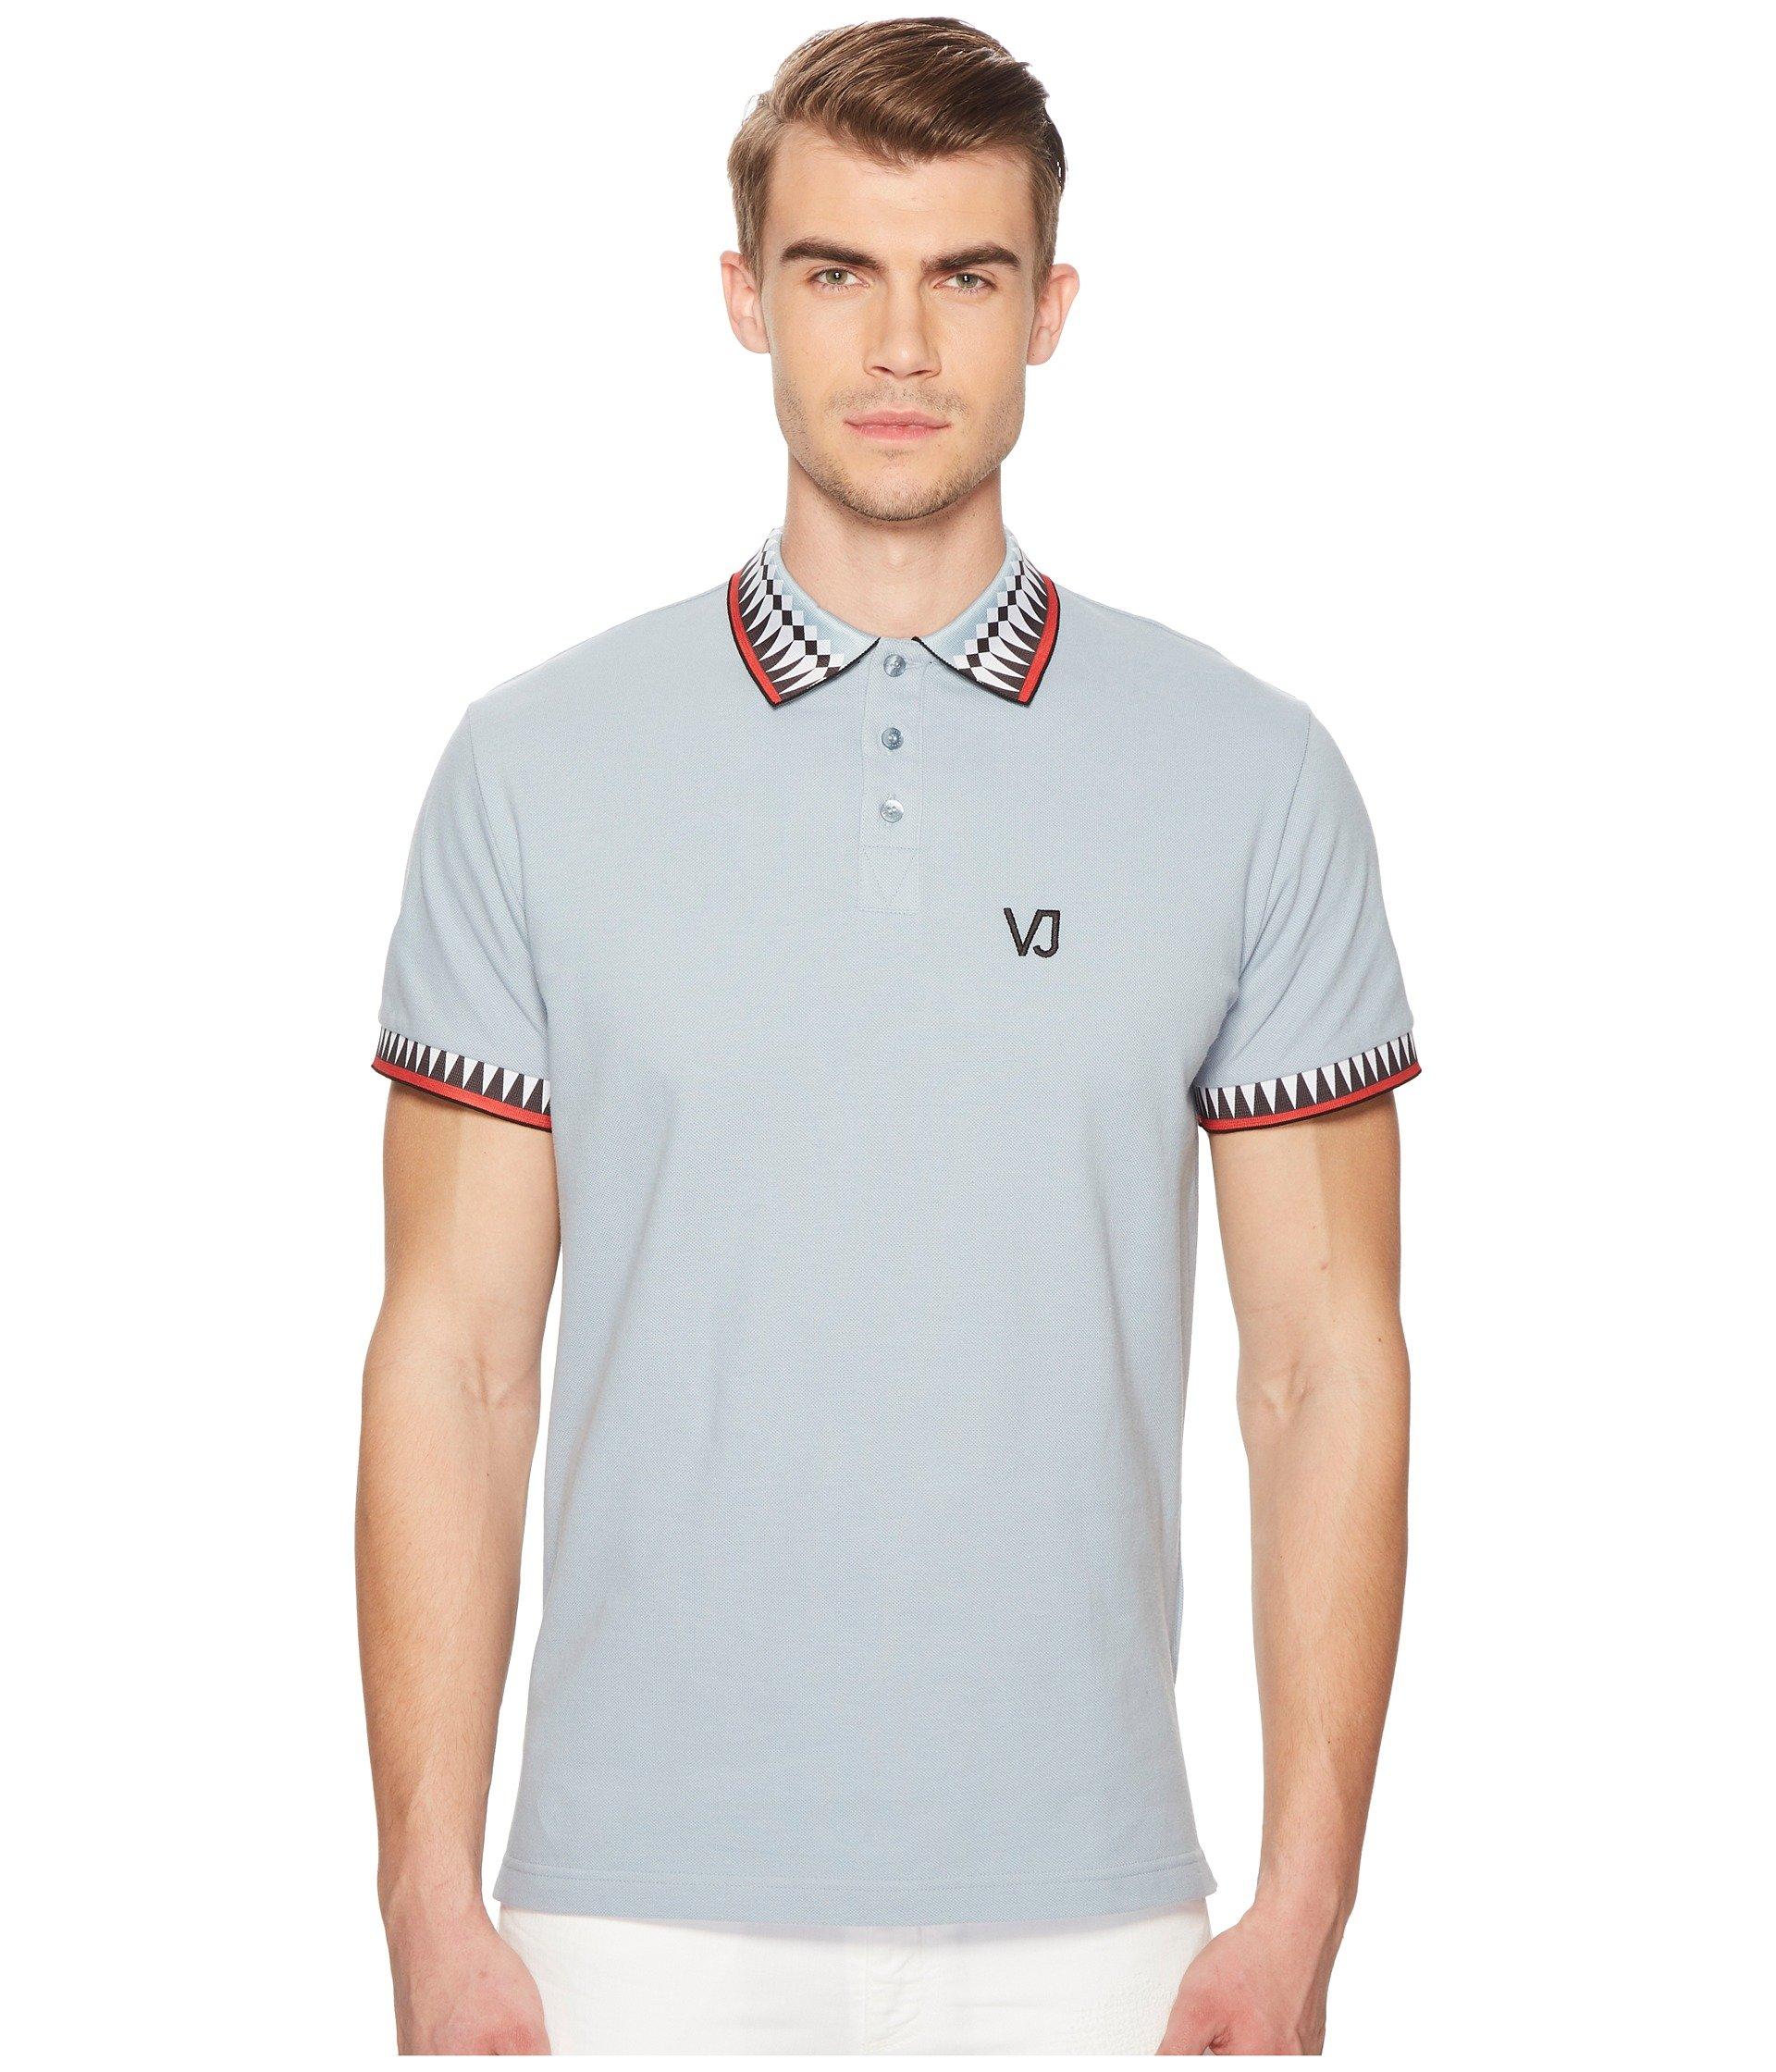 Camiseta Tipo Polo para Hombre Versace Jeans Graphic Edge Polo  + Versace en VeoyCompro.net